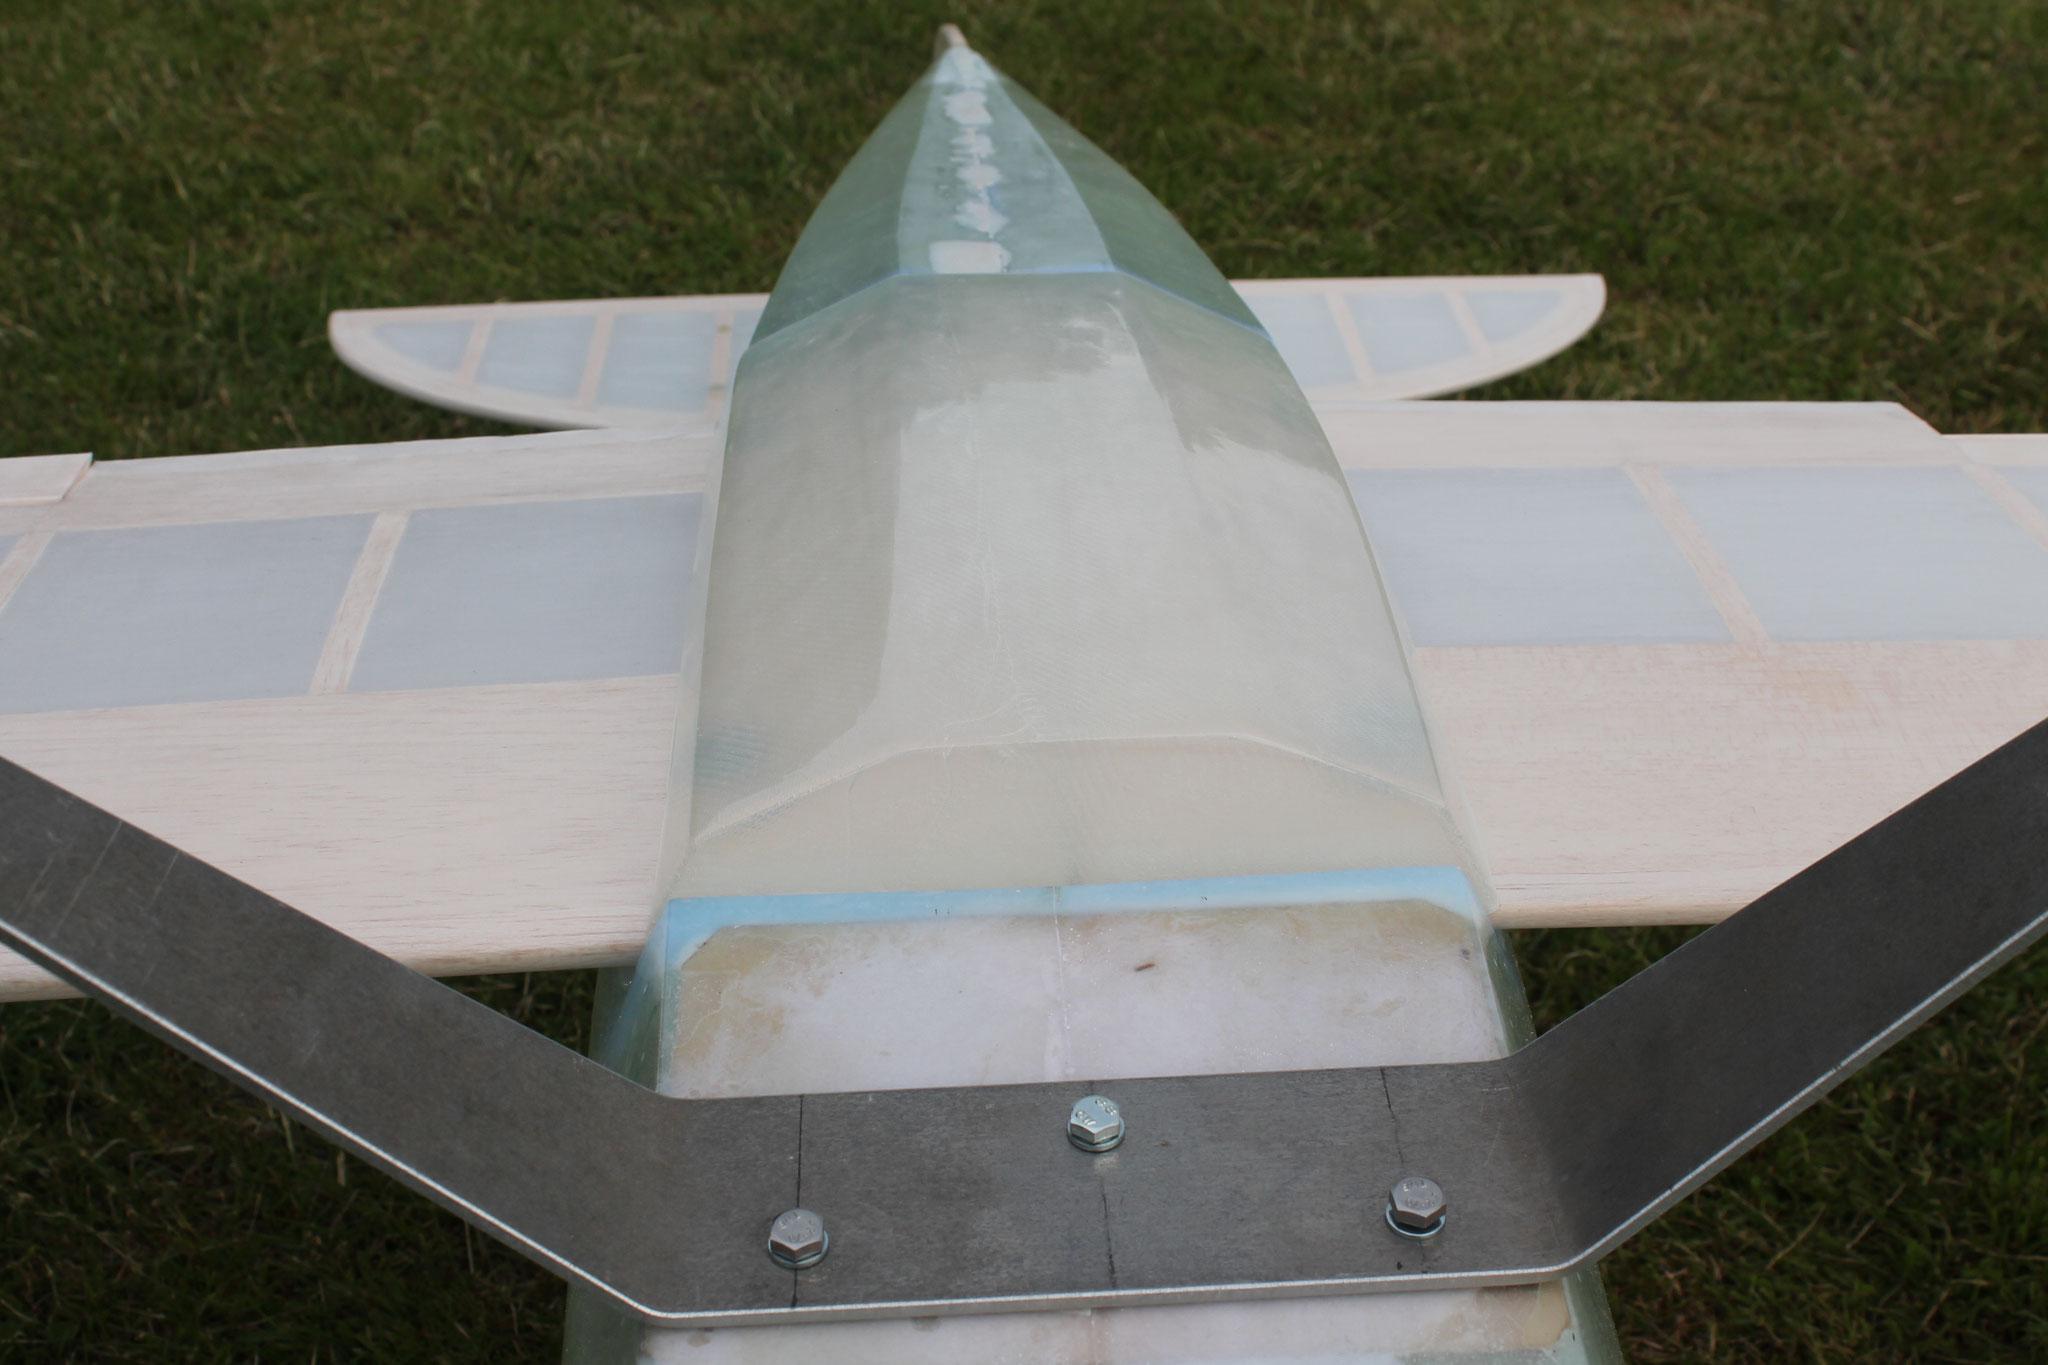 Pitts Special S-1S GFK Epoxy Rumpf CNC Flächen Spannweite 175cm Maßstab 1:3 Bausatz